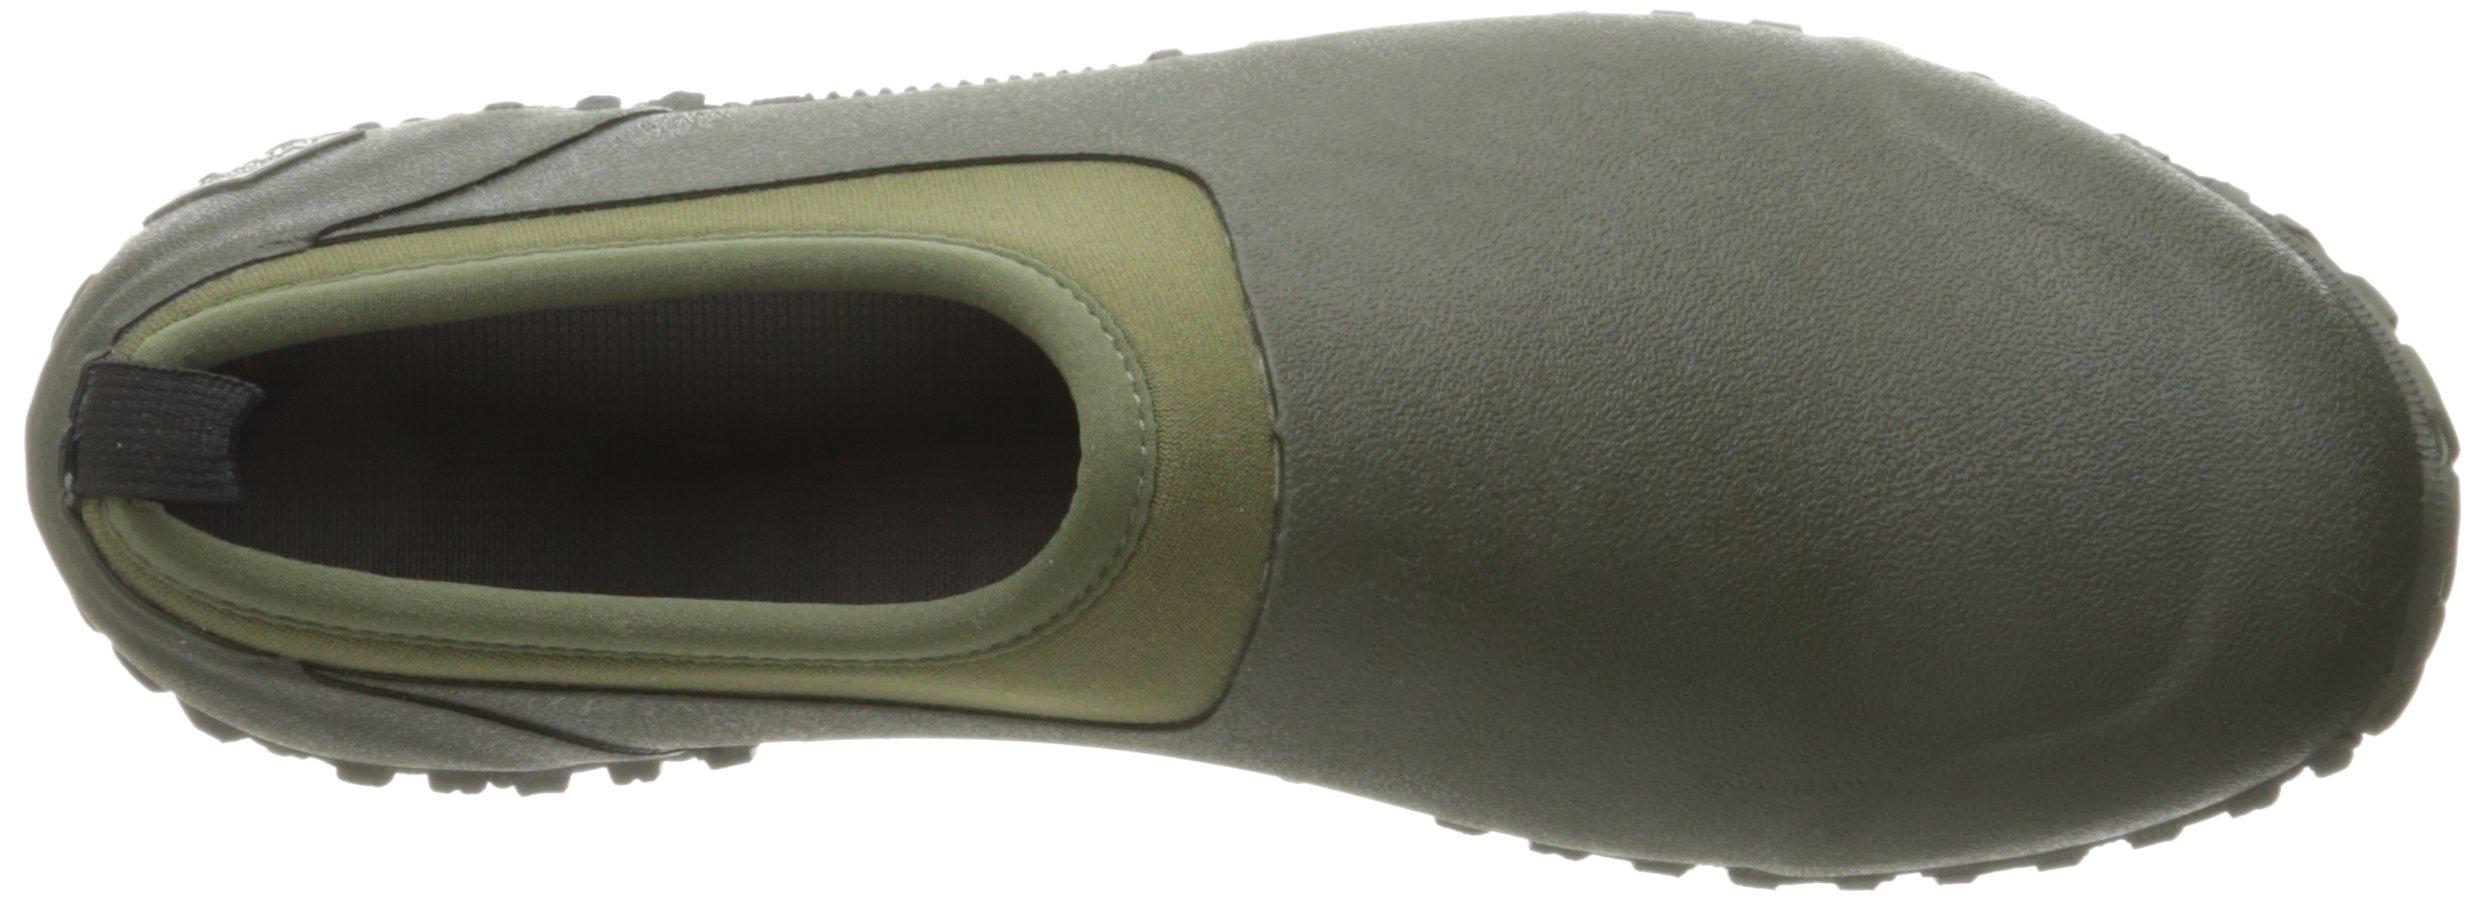 Muckster ll Men's Rubber Garden Shoes,Moss/Green,7 US/7-7.5 M US by Muck Boot (Image #9)